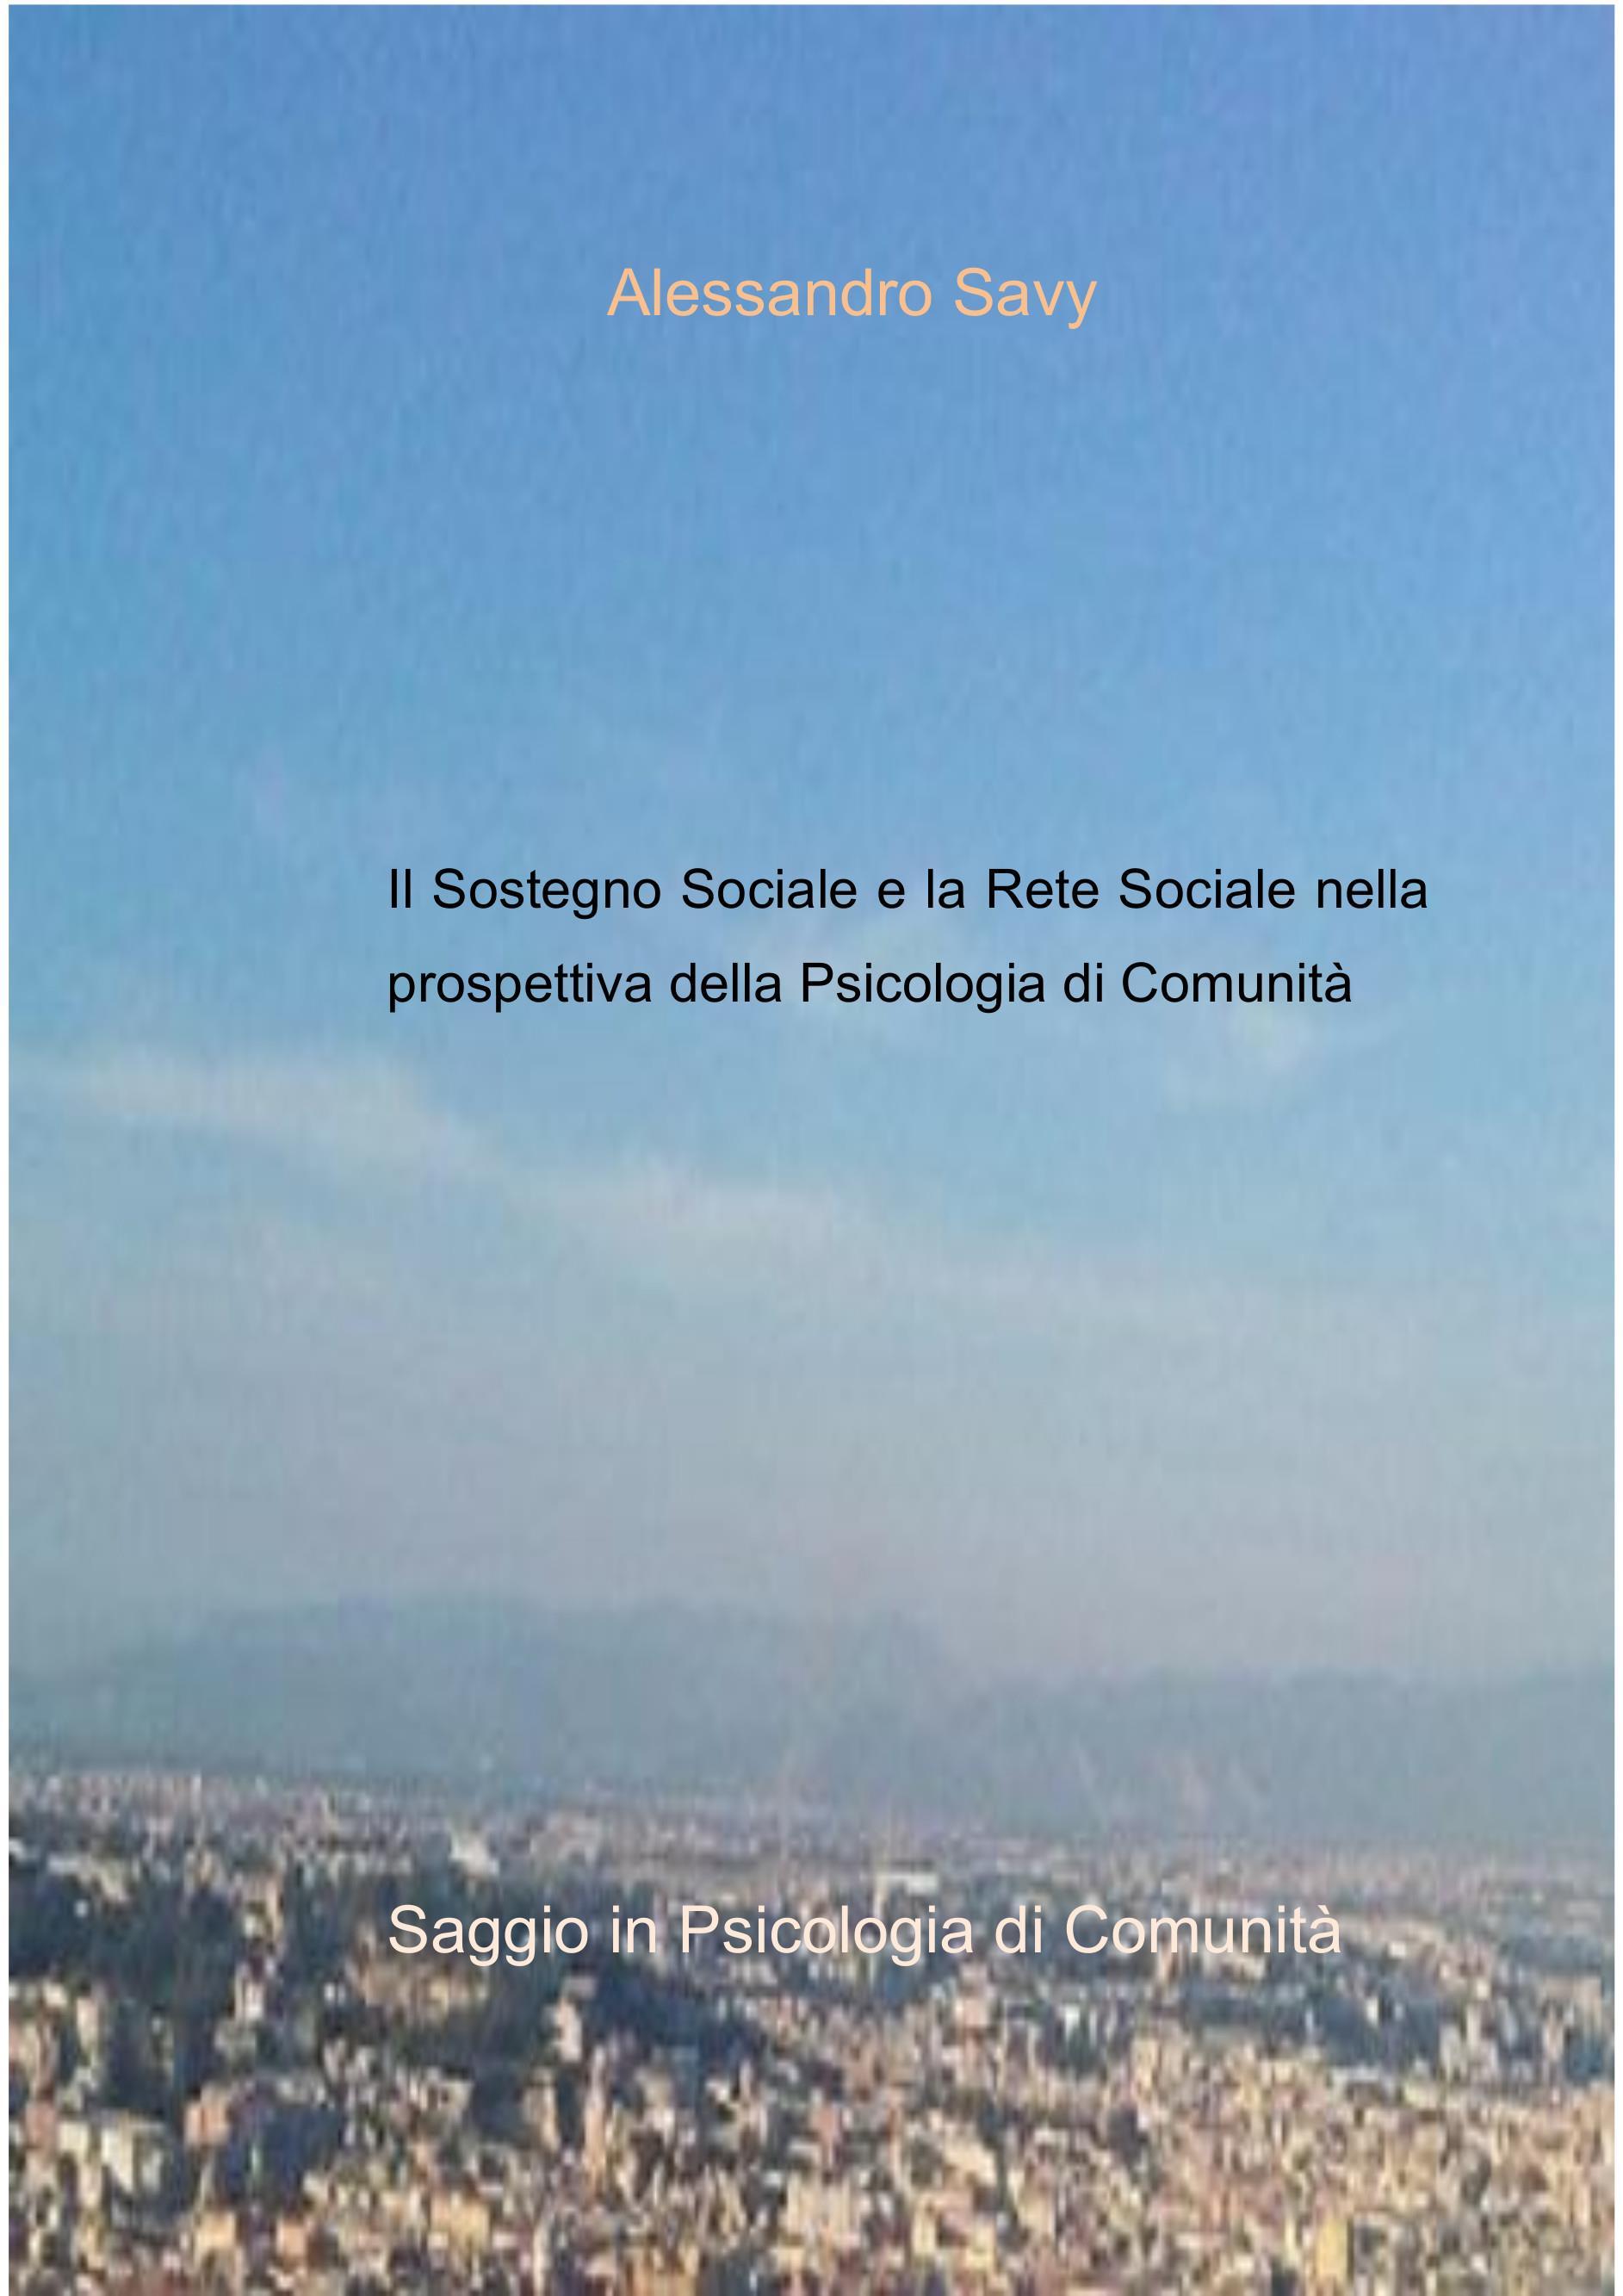 Sostegno Sociale e la Rete Sociale nella prospettiva della Psicologia di Comunità